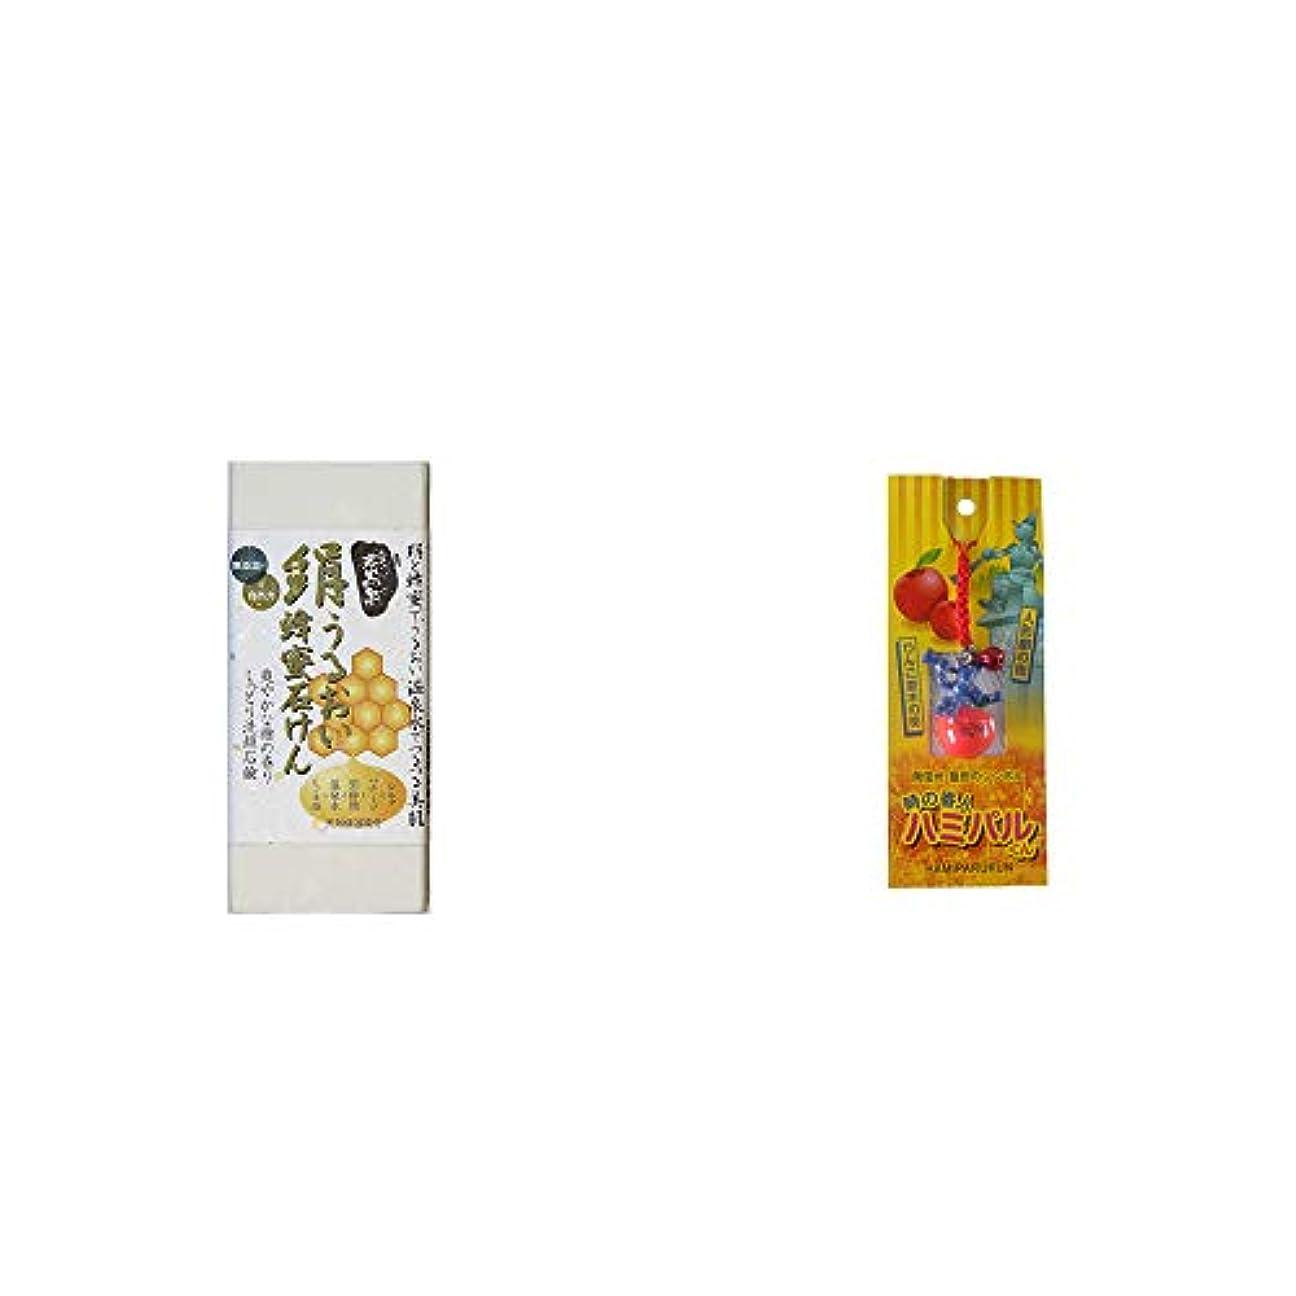 ペンフレンド必要提供[2点セット] ひのき炭黒泉 絹うるおい蜂蜜石けん(75g×2)?信州?飯田のシンボル 時の番人ハミパルくんストラップ